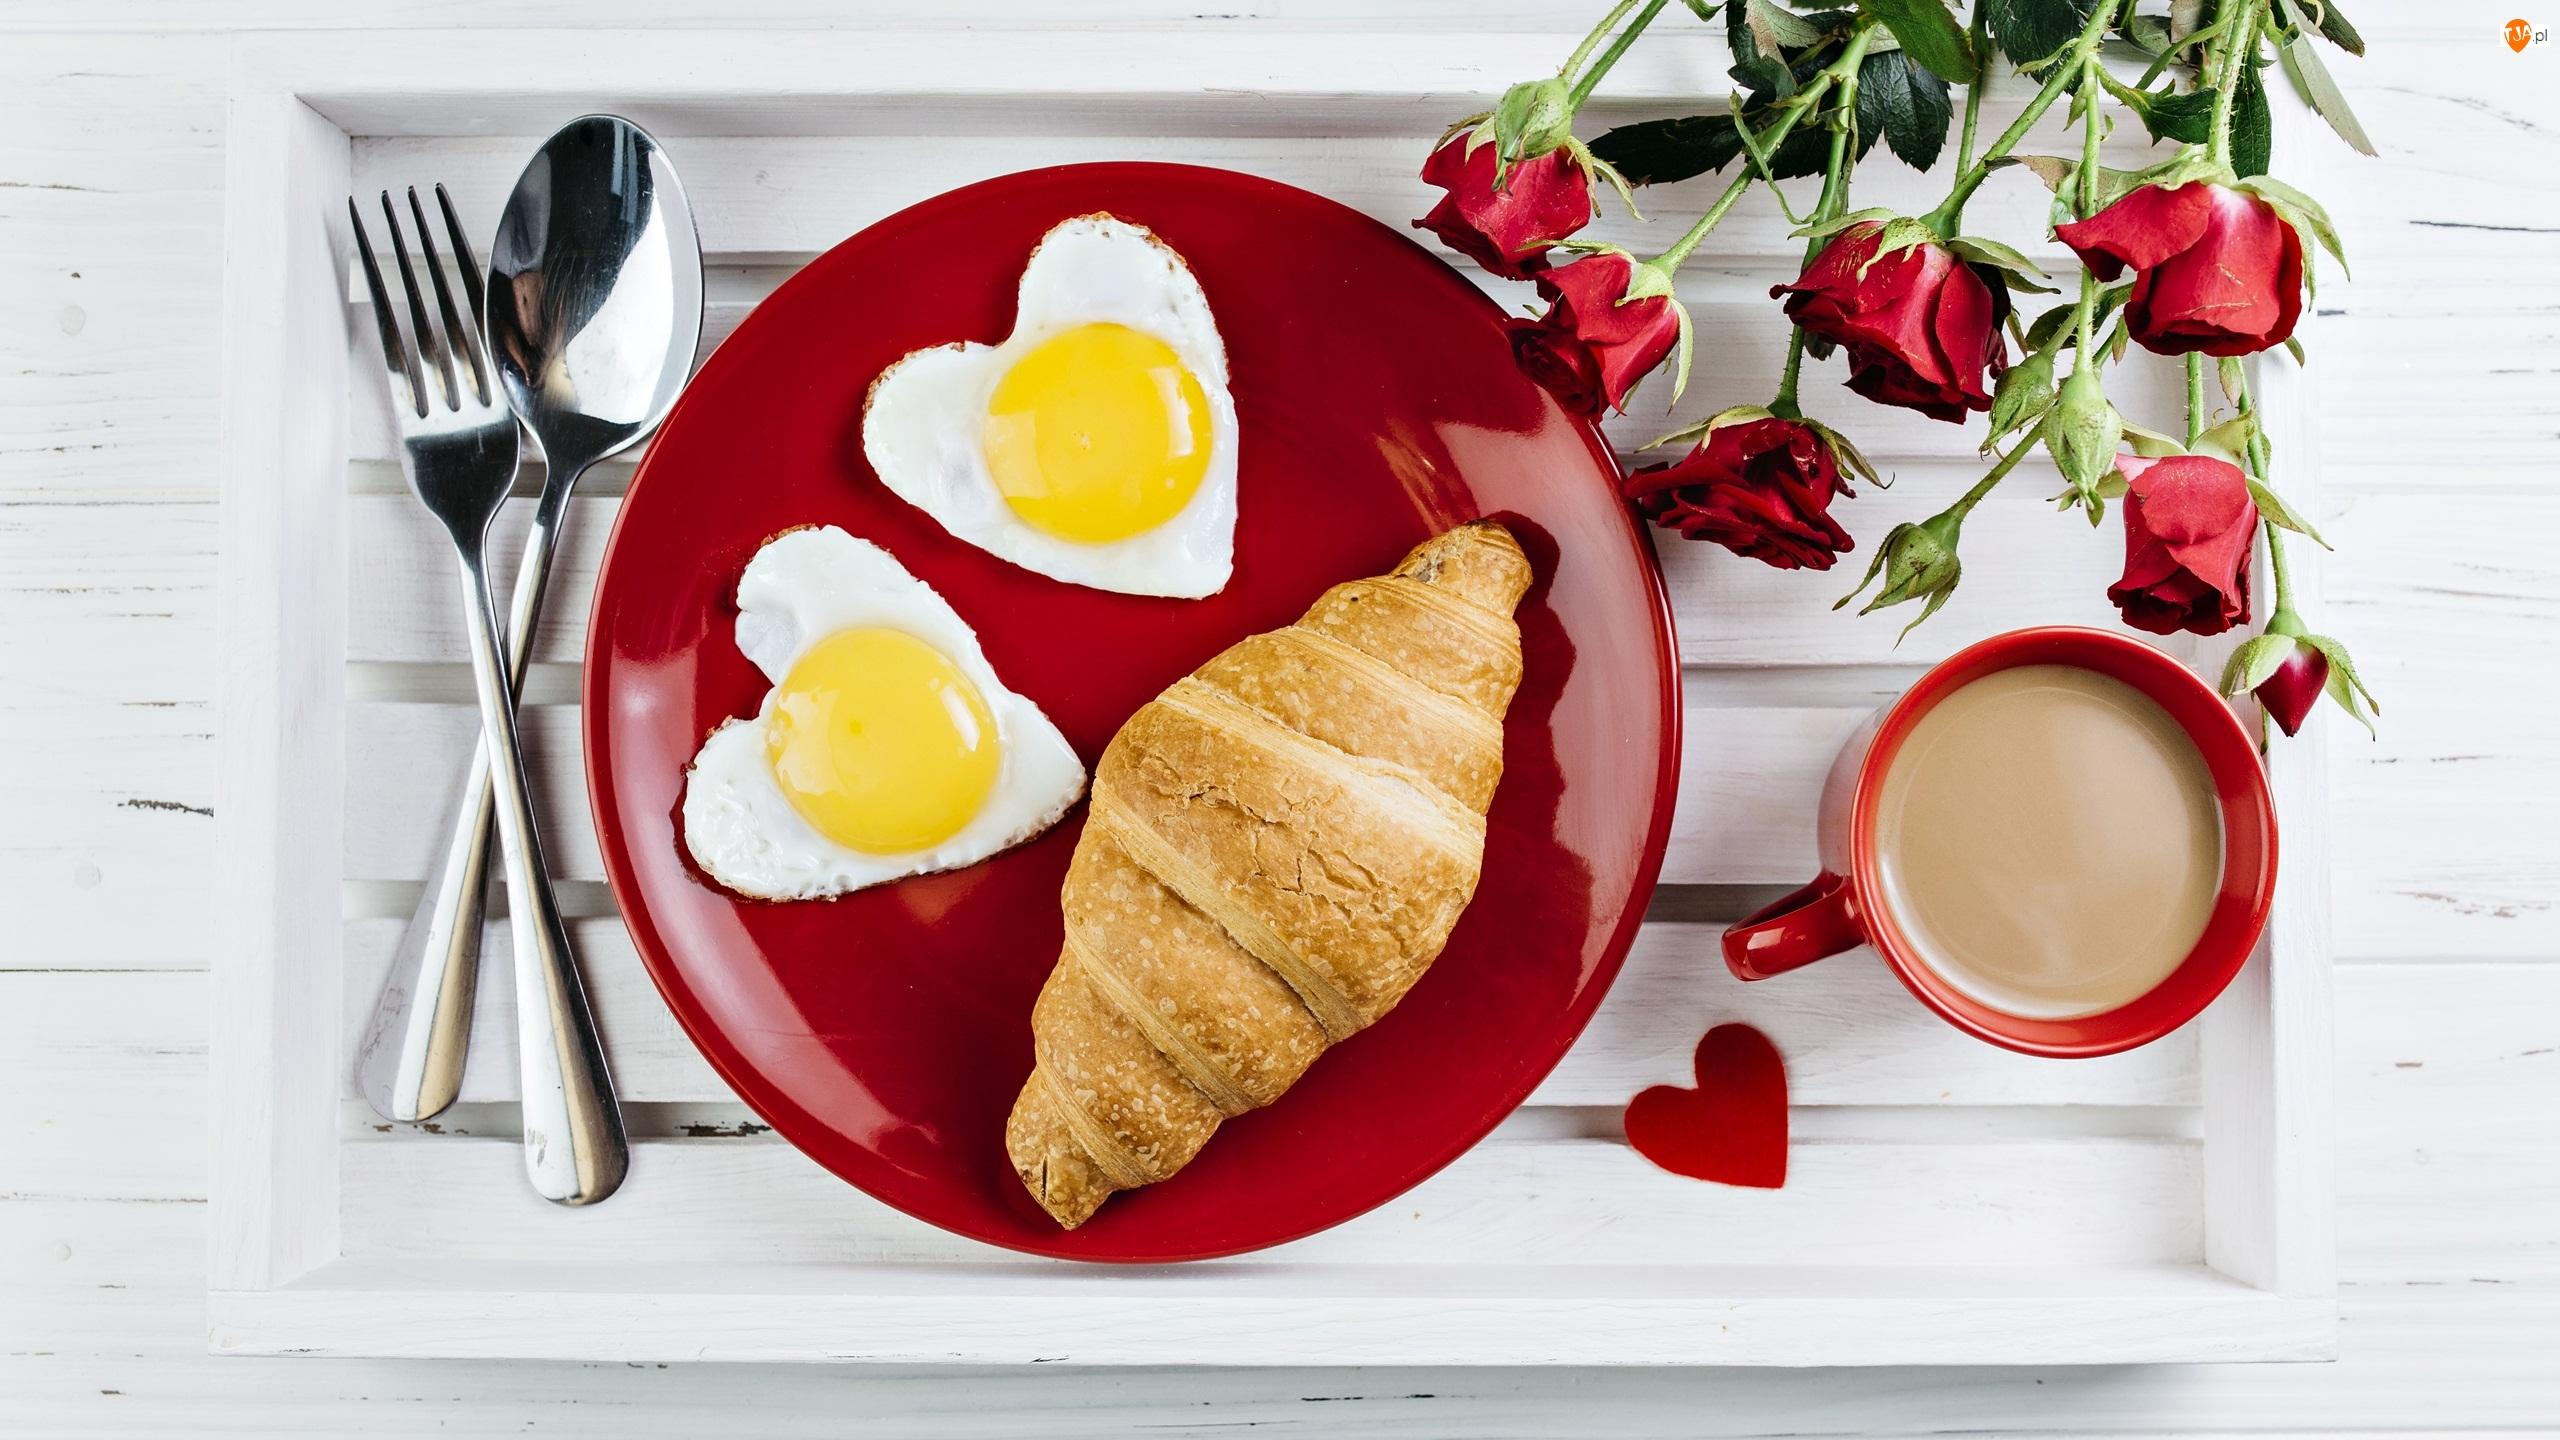 Śniadanie, Sztućce, Taca, Róże, Croissant, Rogal, Serca, Jajka sadzone, Kawa, Walentynki